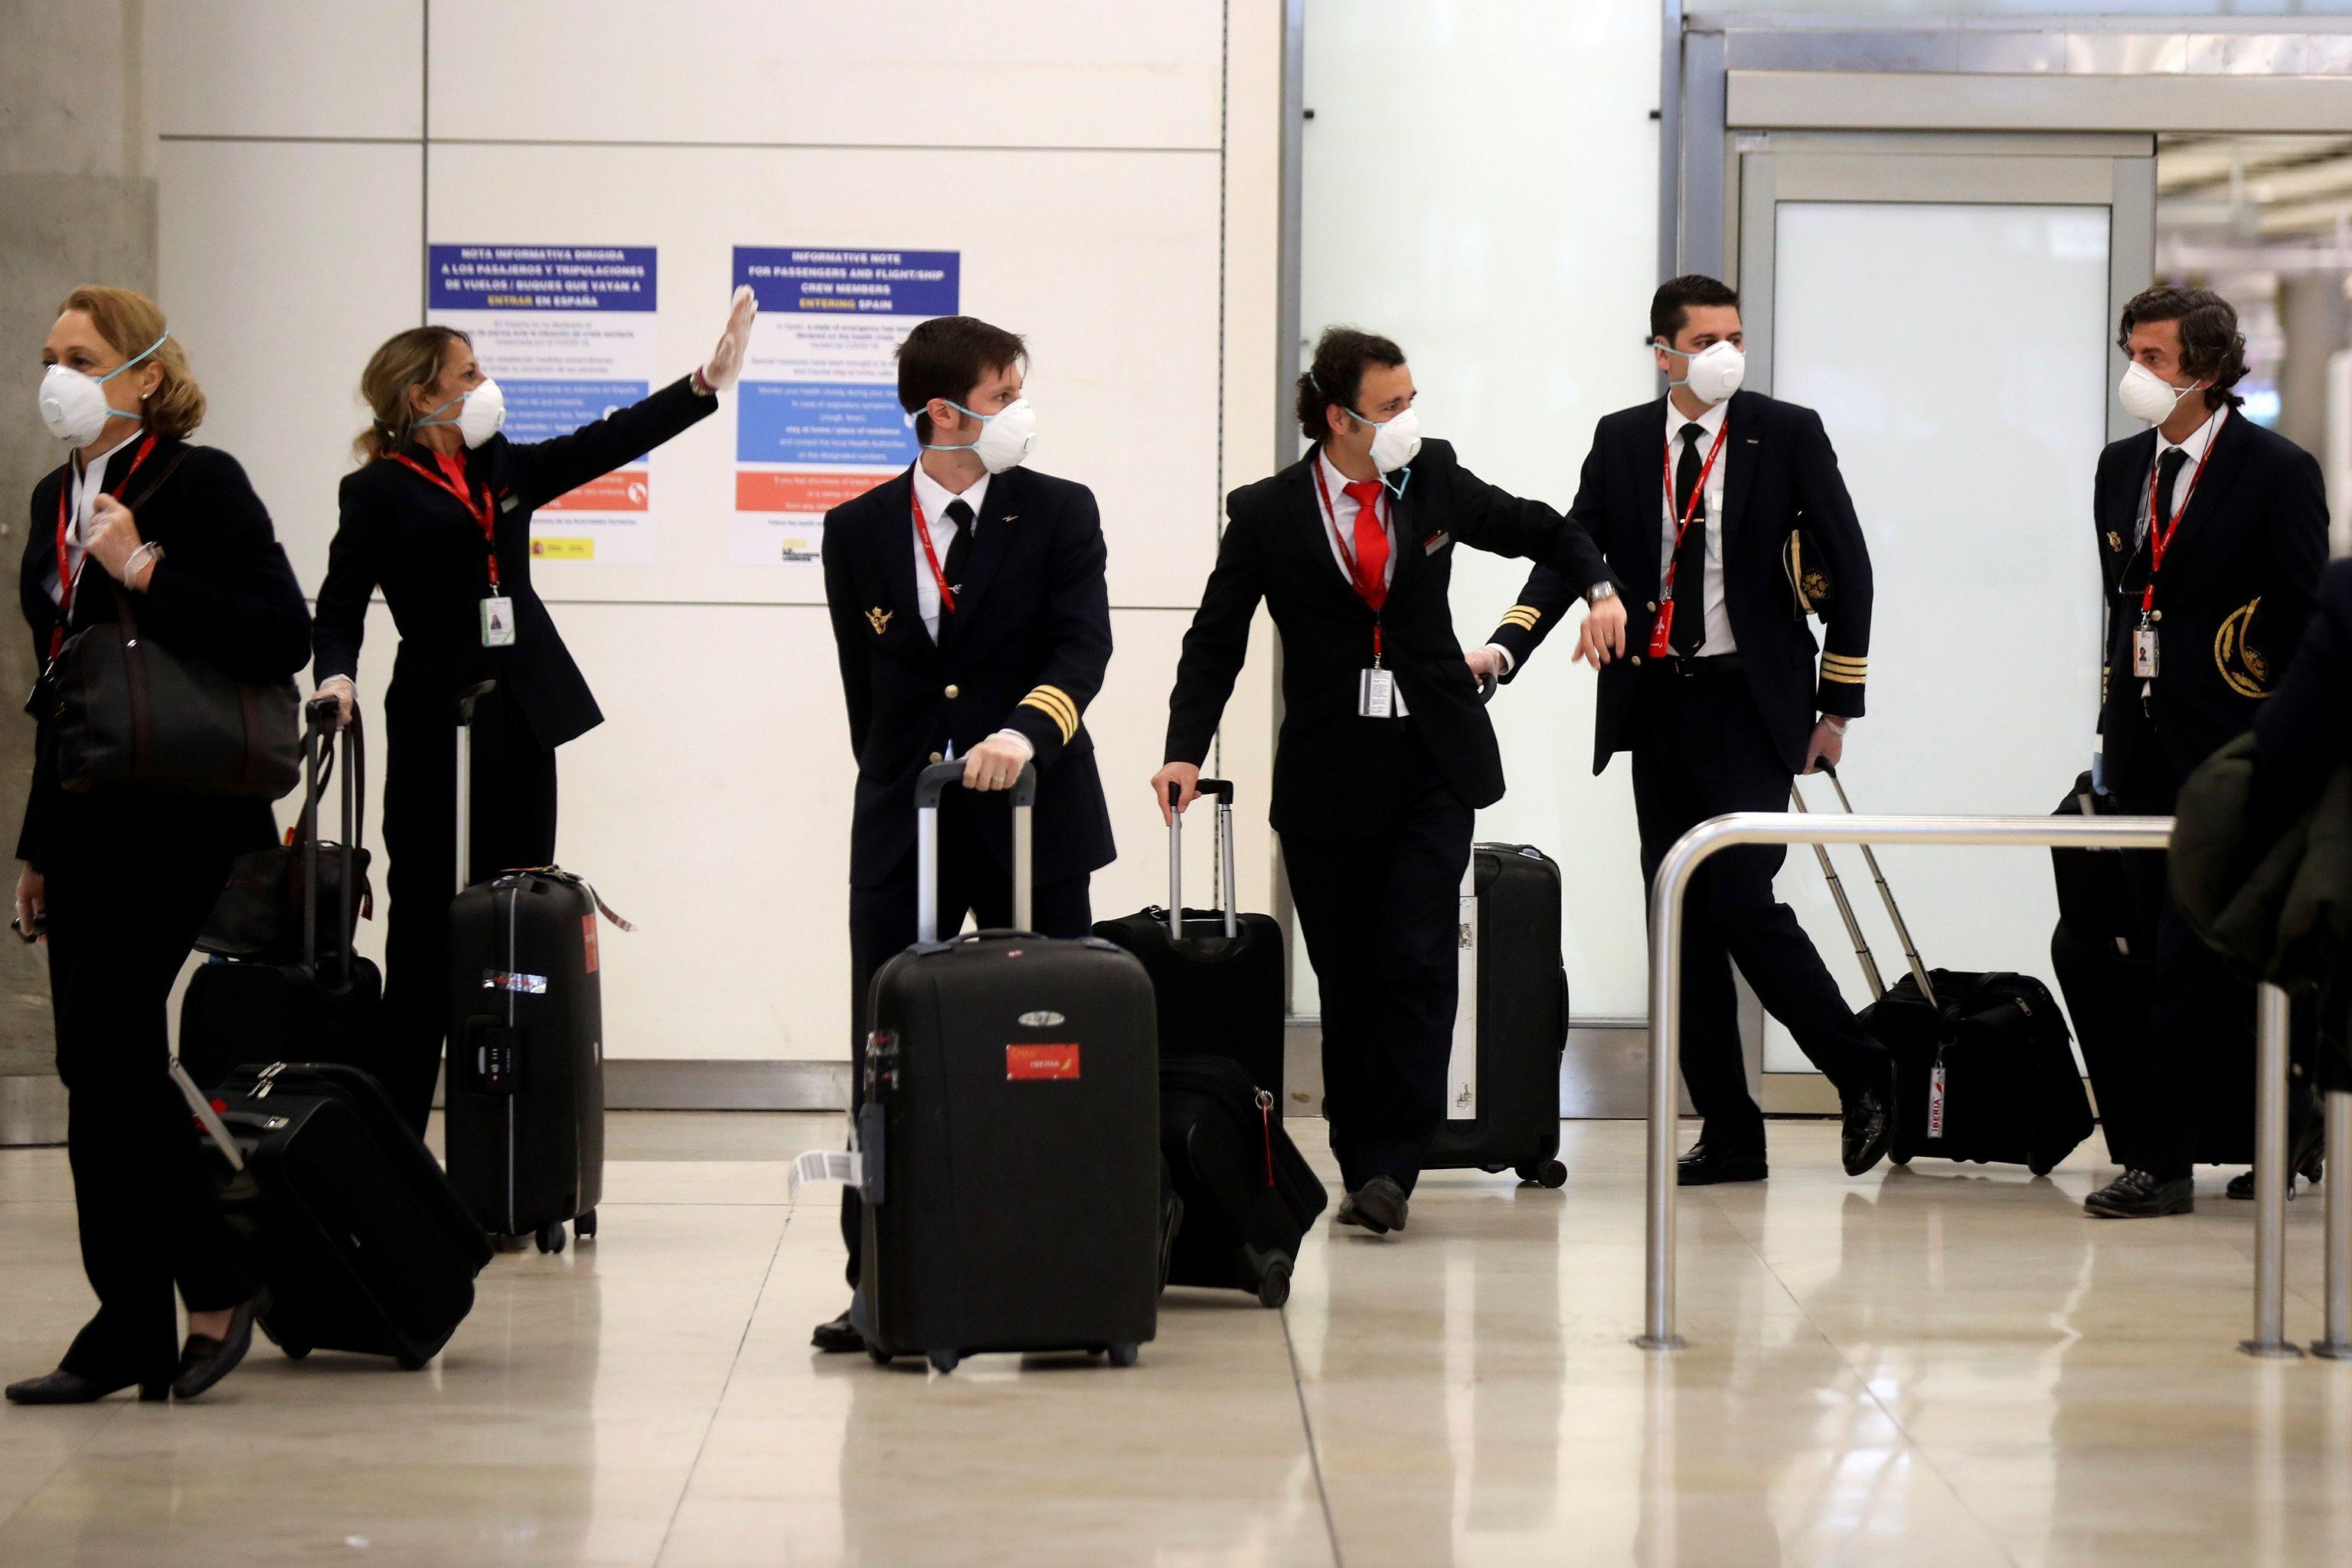 Tripulación de un vuelo procedente de La Habana llega a Barajas.